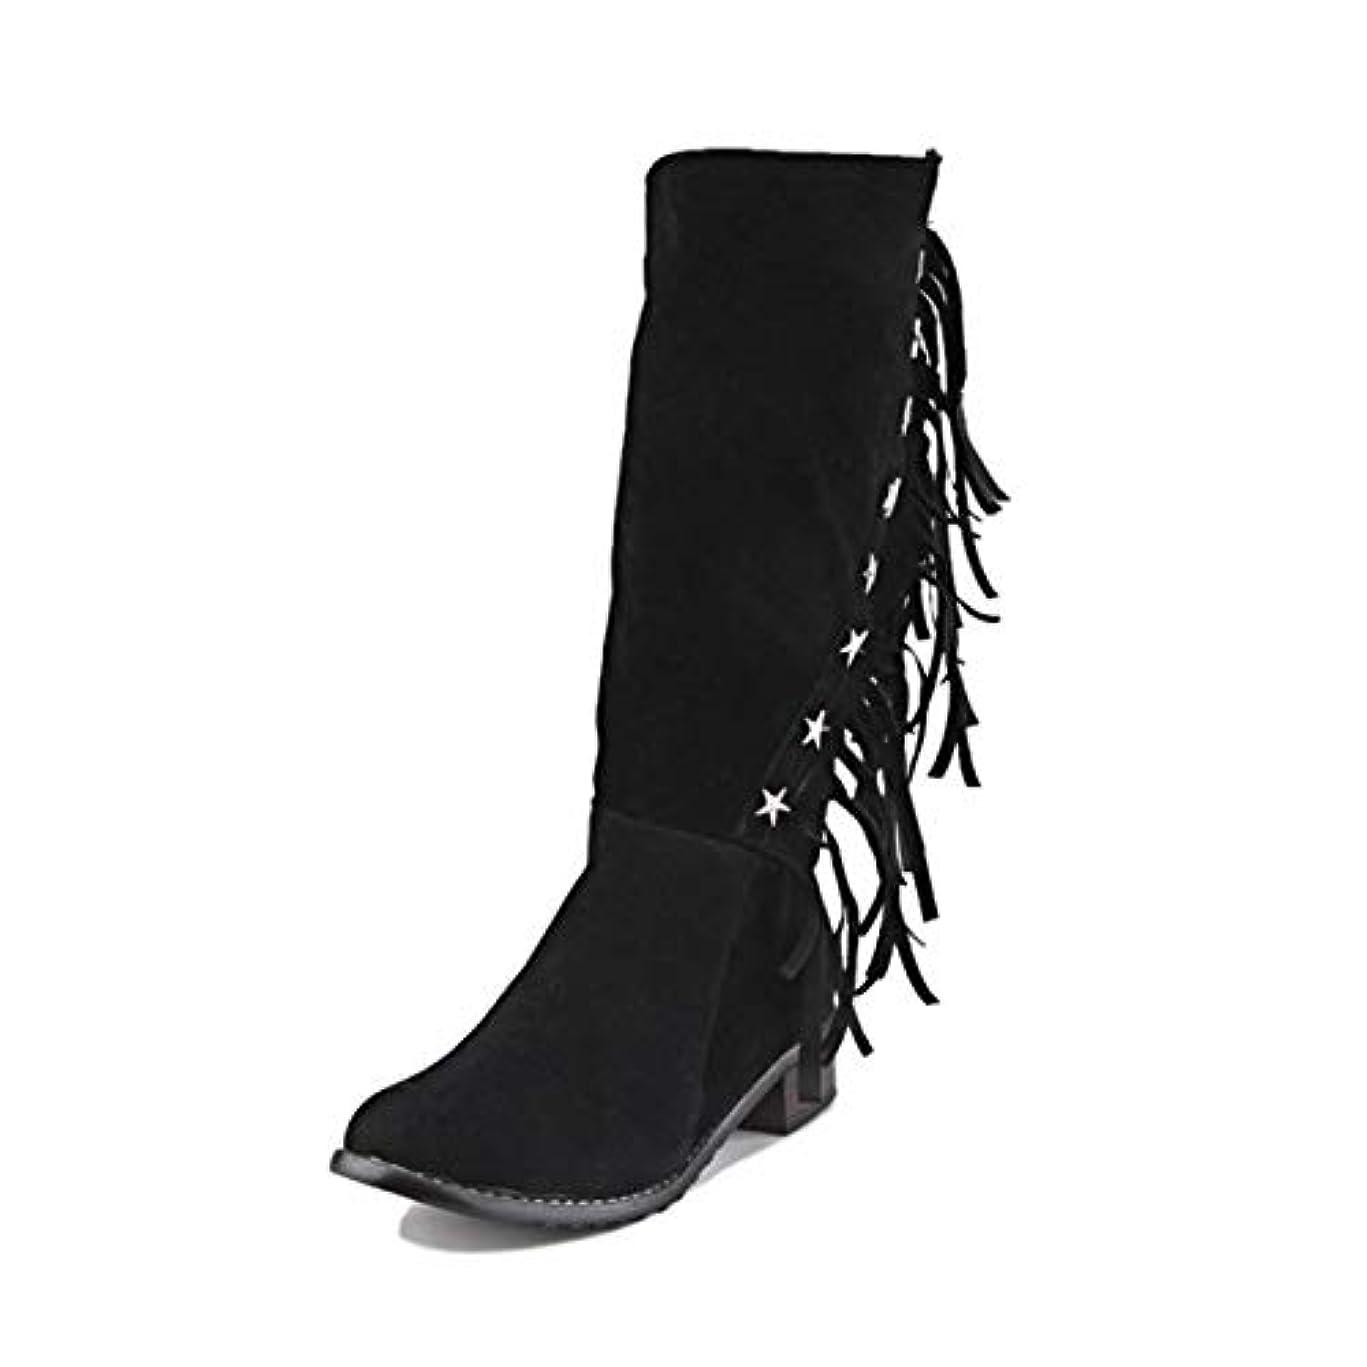 [AHZHDXZM] レディーススティレットウィンターブーツビッグサイズ33-50ラウンドトゥバックルブーツ女性用カジュアルファッション暖かい冬靴17黒レディースハイヒールヒール